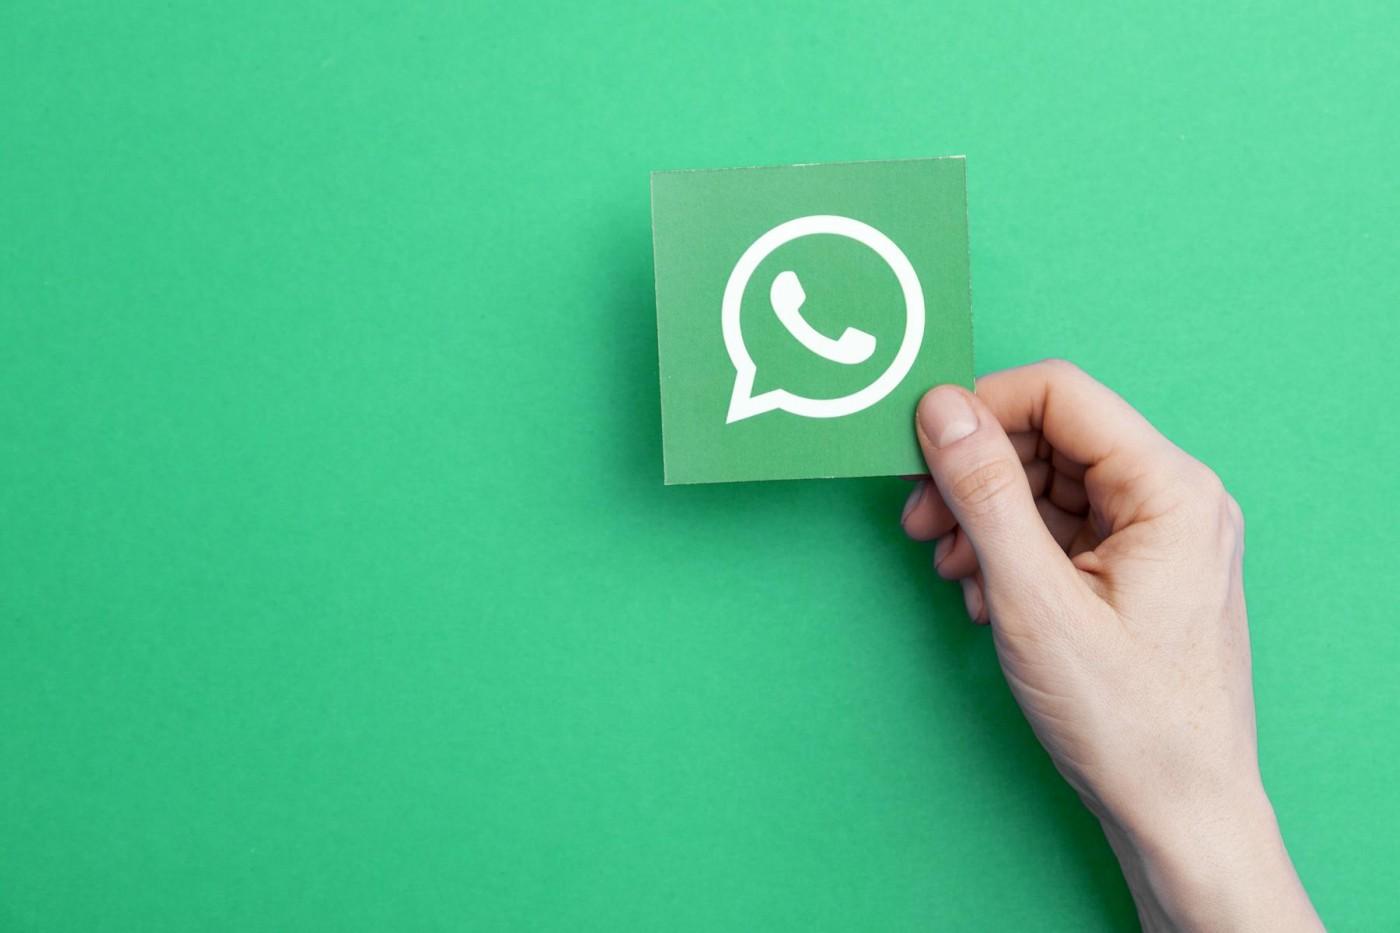 拯救Facebook成長疲軟的秘密武器,WhatsApp到底該怎麼賺錢?